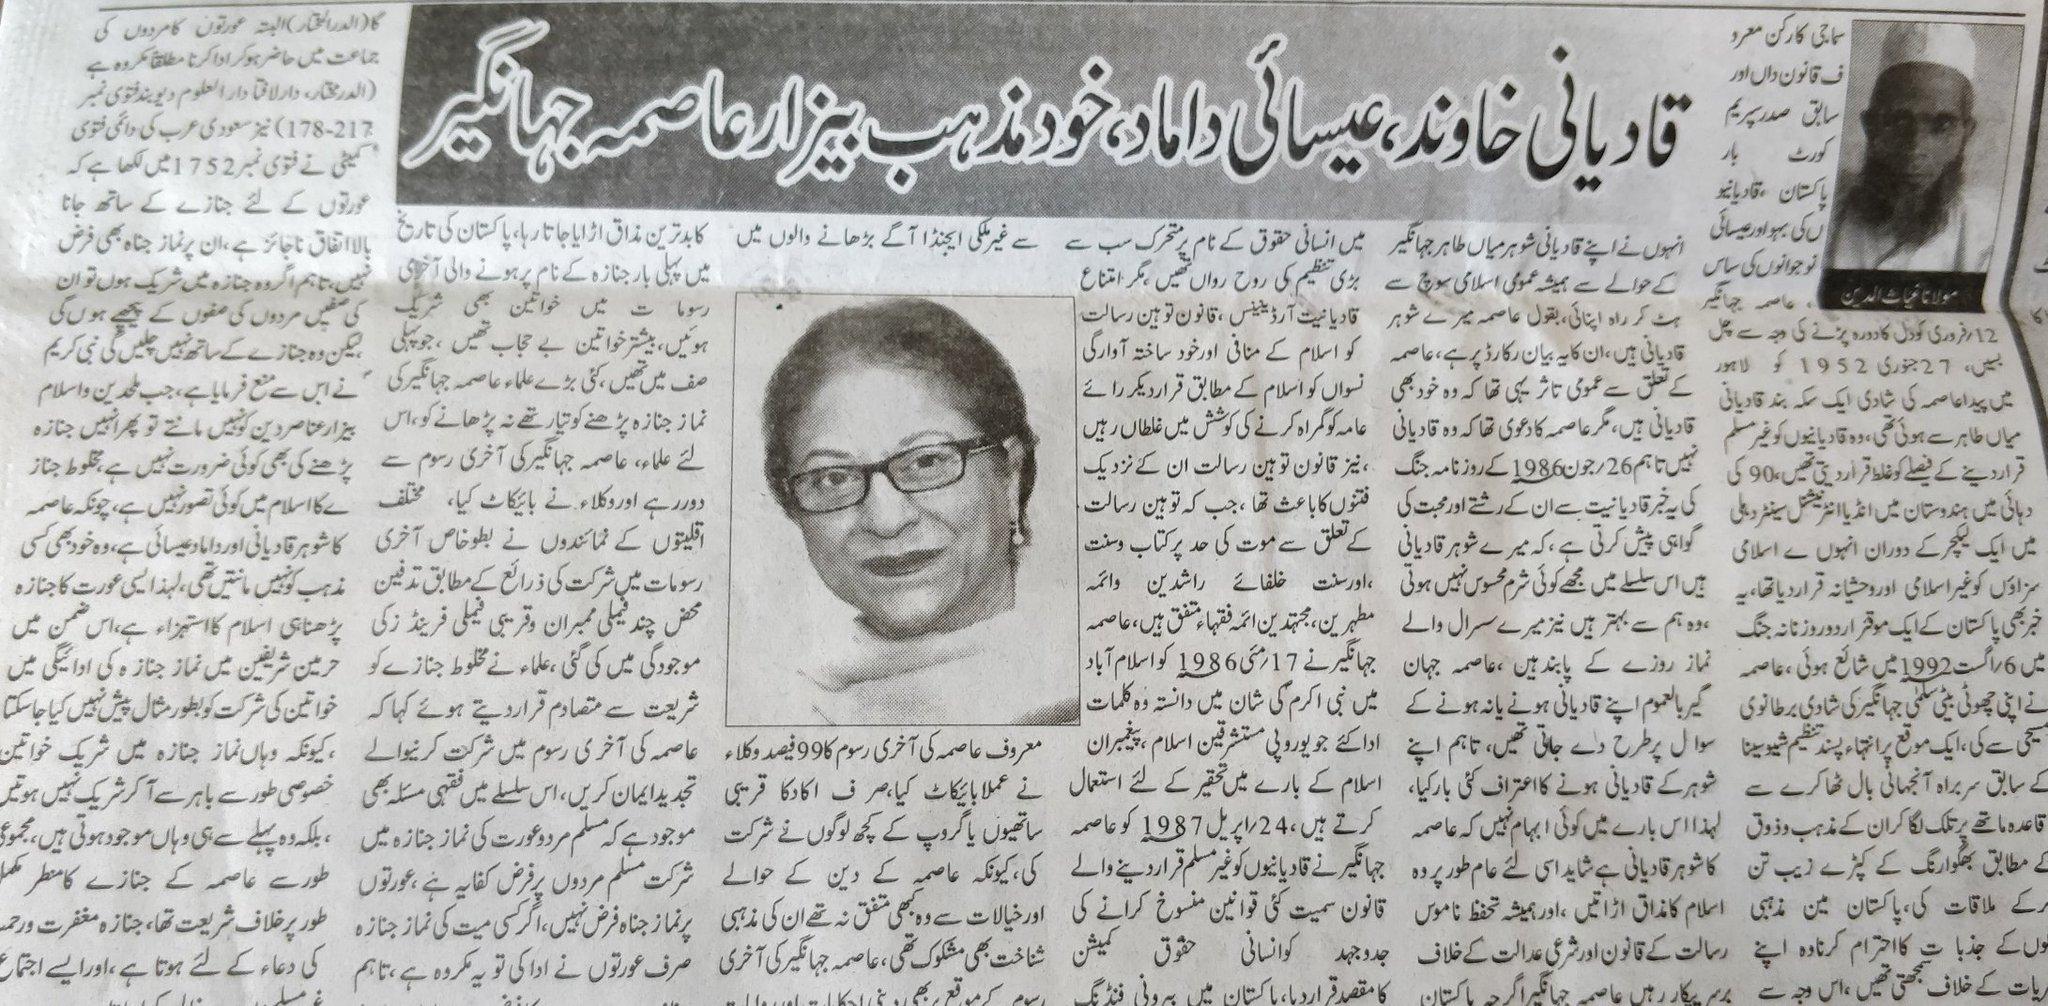 روزنامہ صحافت، دہلی